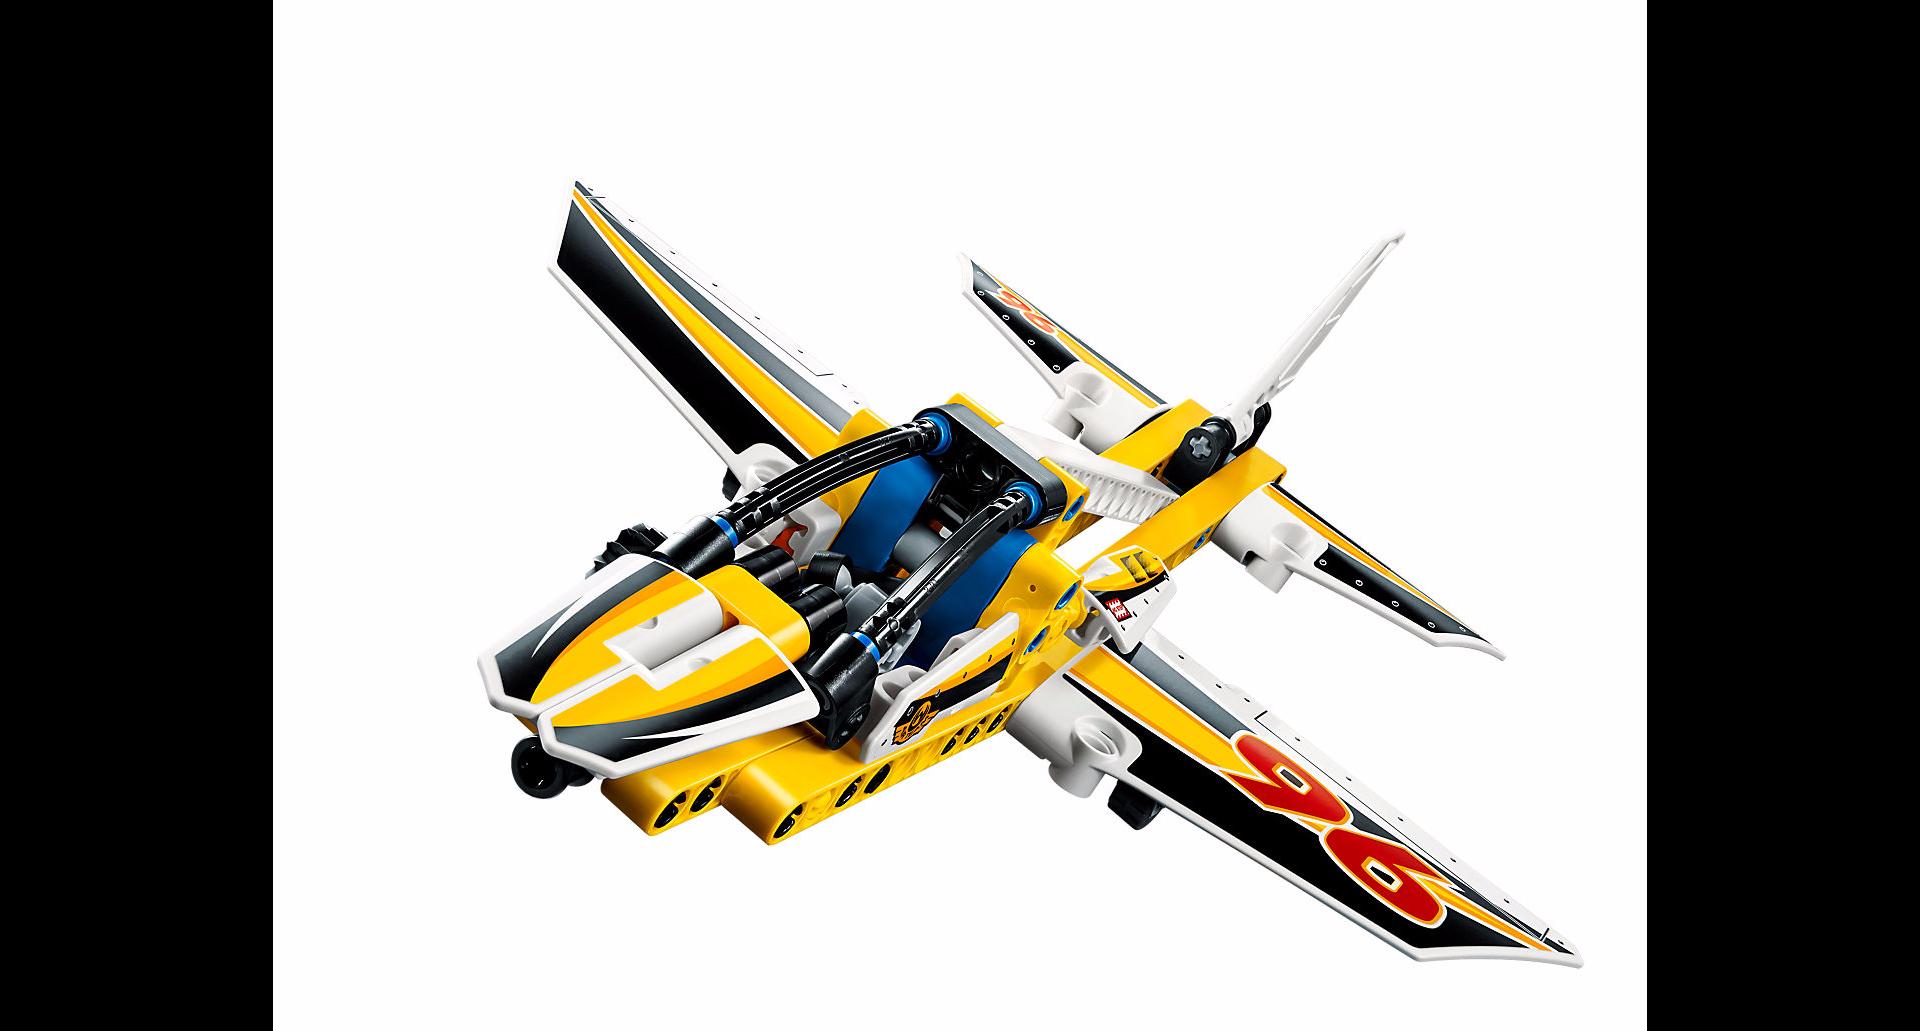 Lego technic l 39 avion de chasse acrobatique - Avion de chasse en lego ...